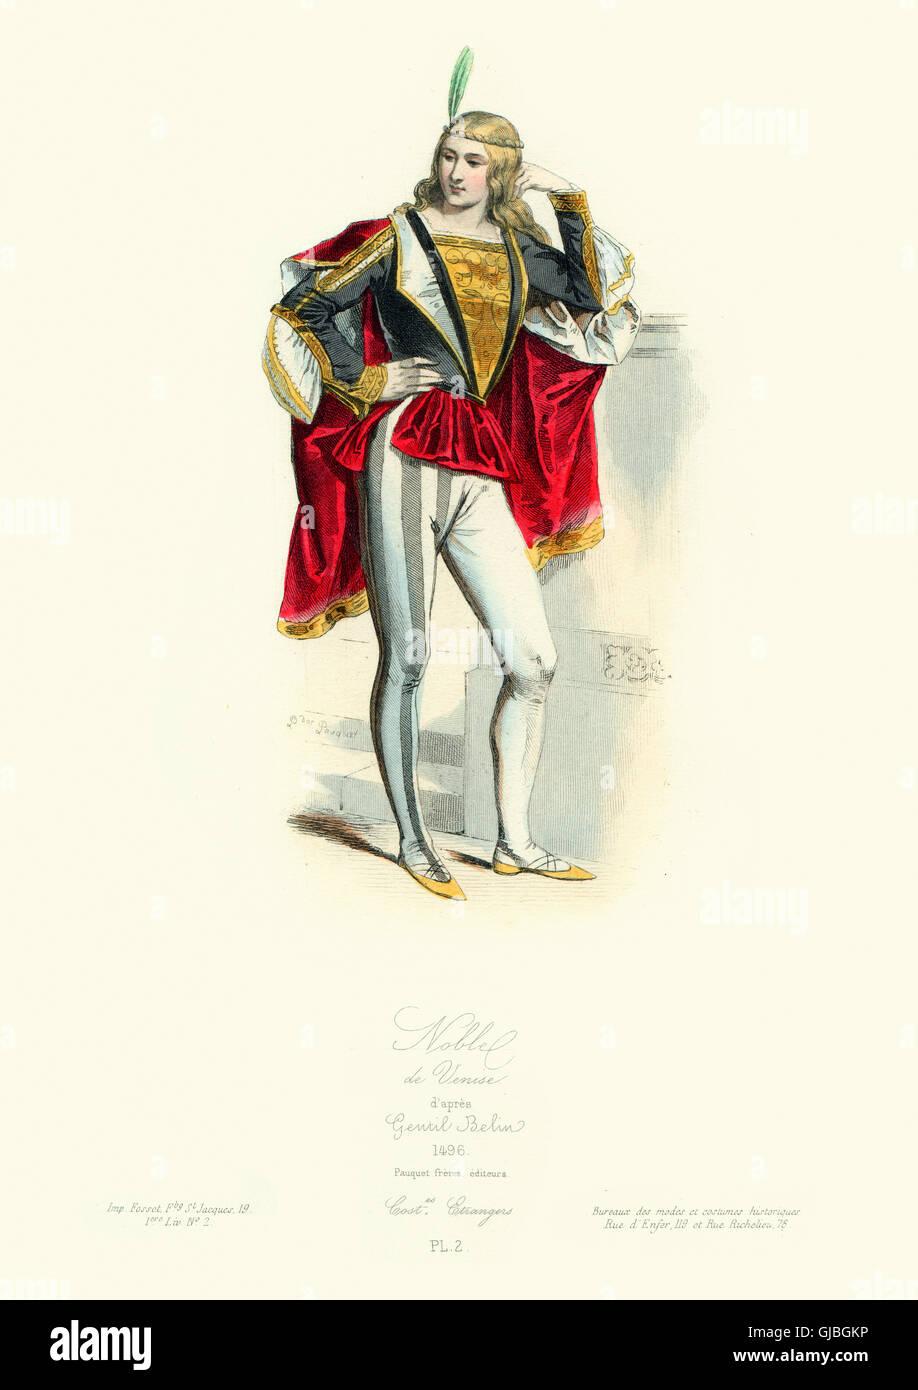 Costume di un quindicesimo secolo nobile veneziano. Modalità et costumi  Historiques 2c701b35f2f